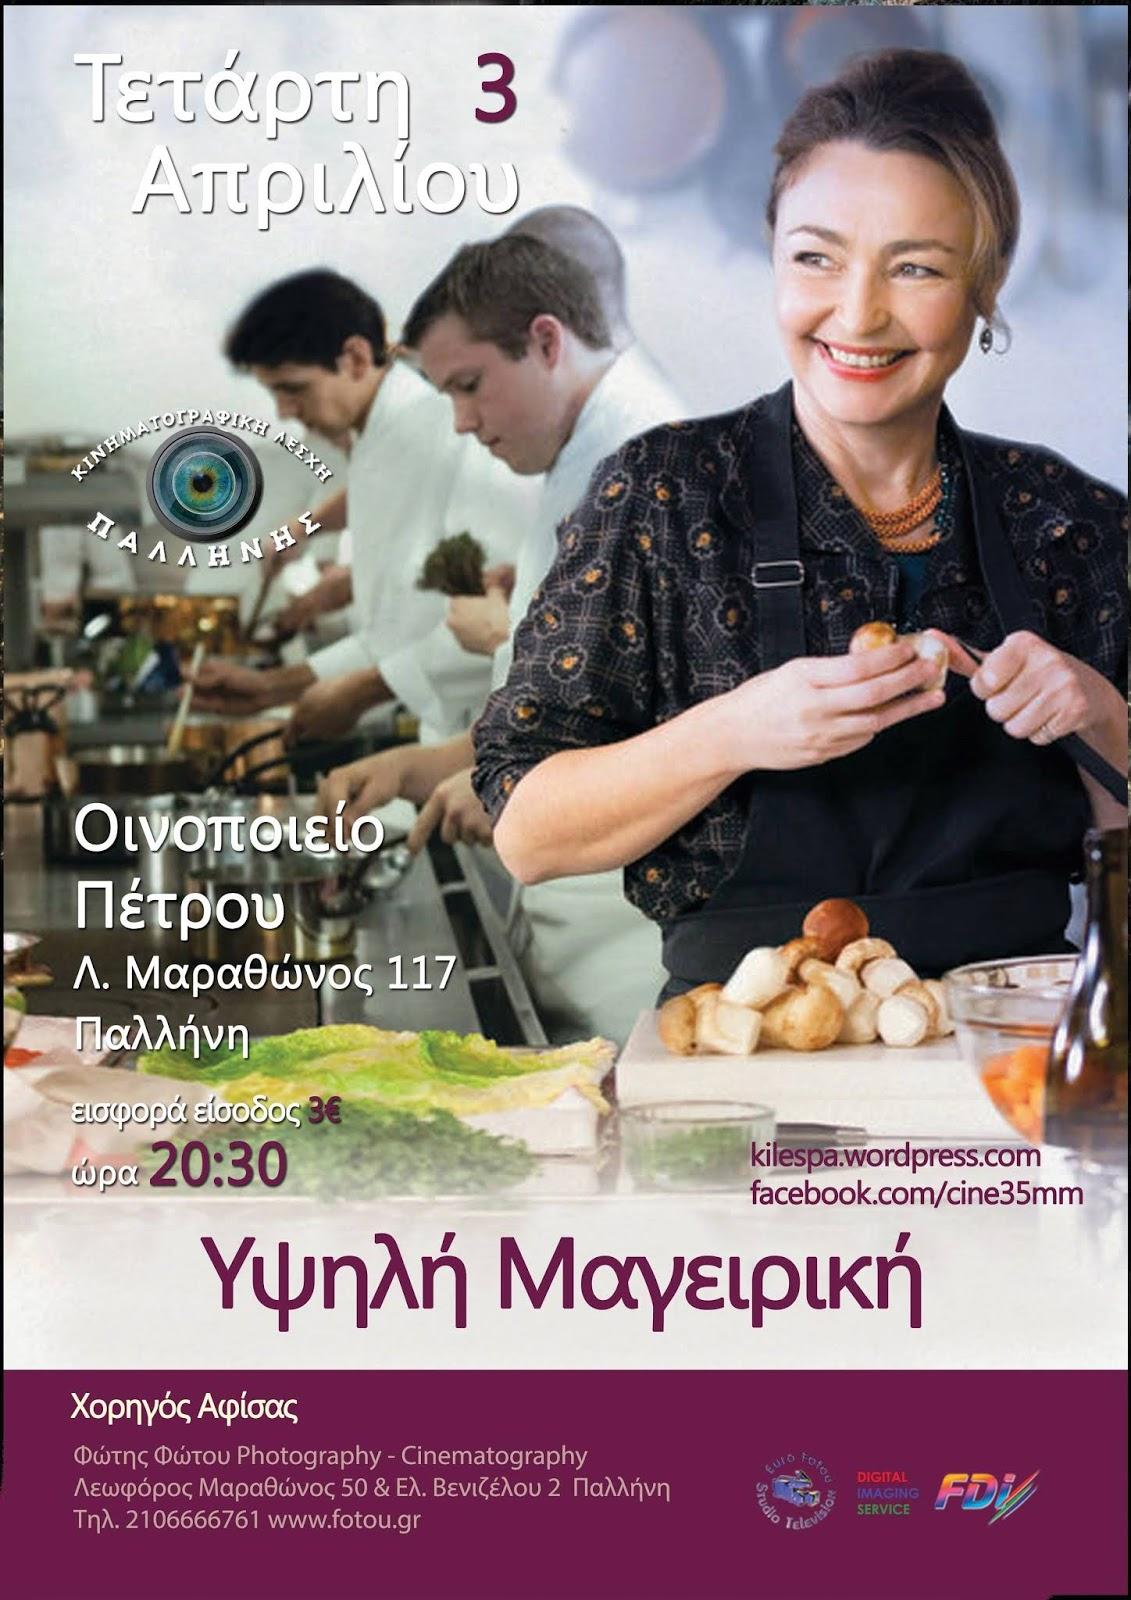 b11d3418e07 Υψηλή Μαγειρική (Les Saveurs du Palais), στην Κινηματογραφική Λέσχη Παλλήνης